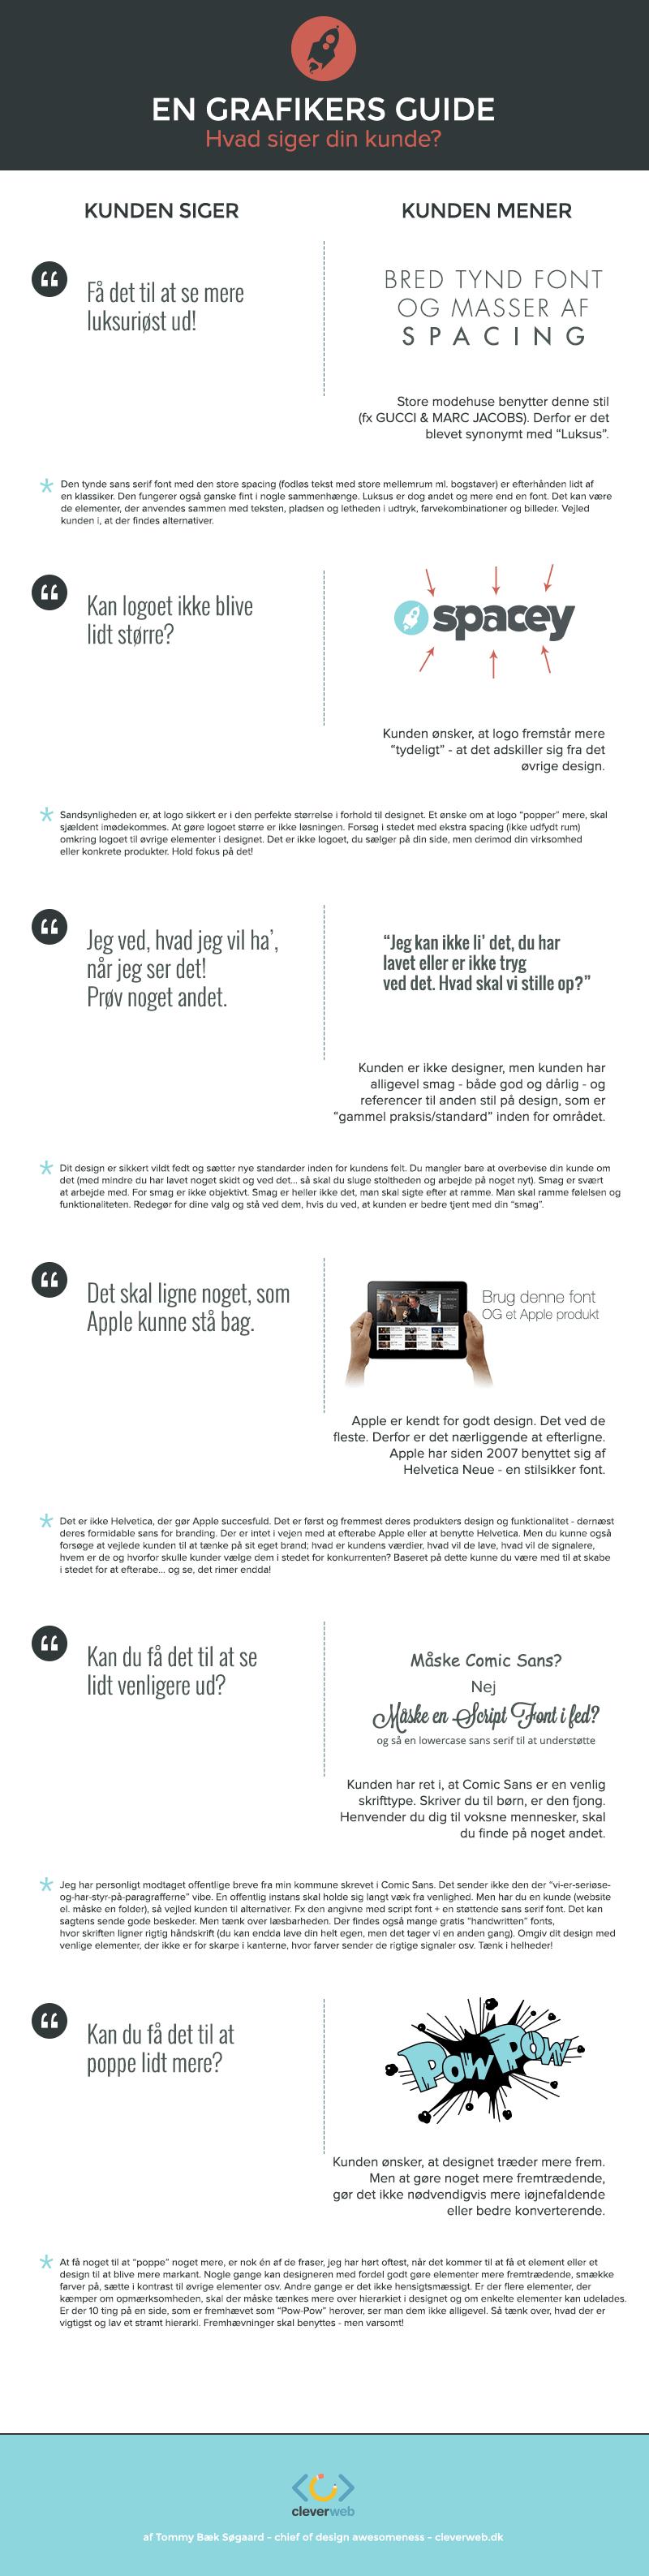 Infografik - Hvad siger din kunde?